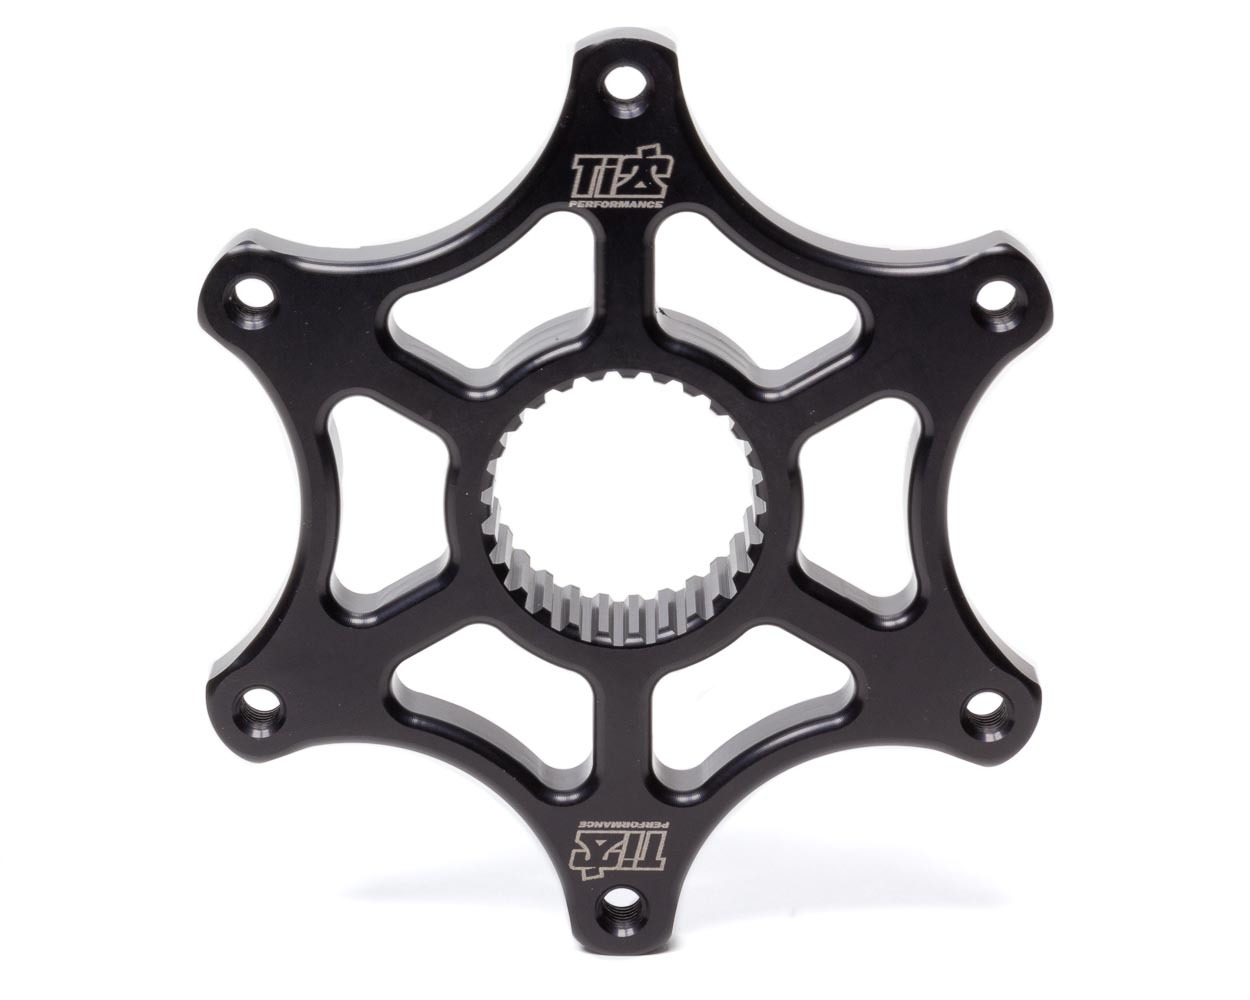 Ti22 Performance 600 Rear Sprocket or Brake Rotor Hub 1.75in